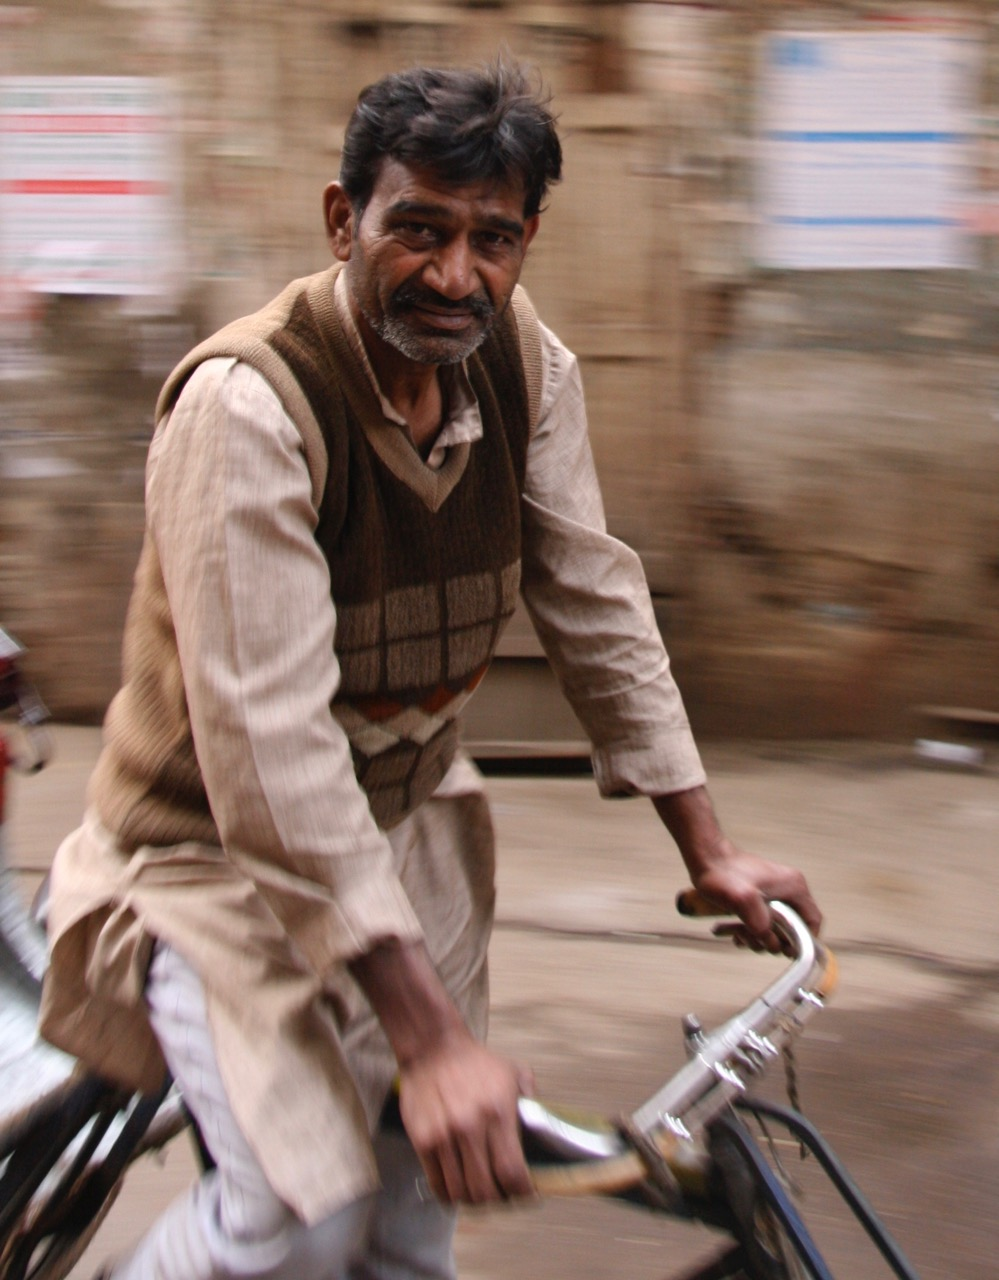 Delhi bike rider